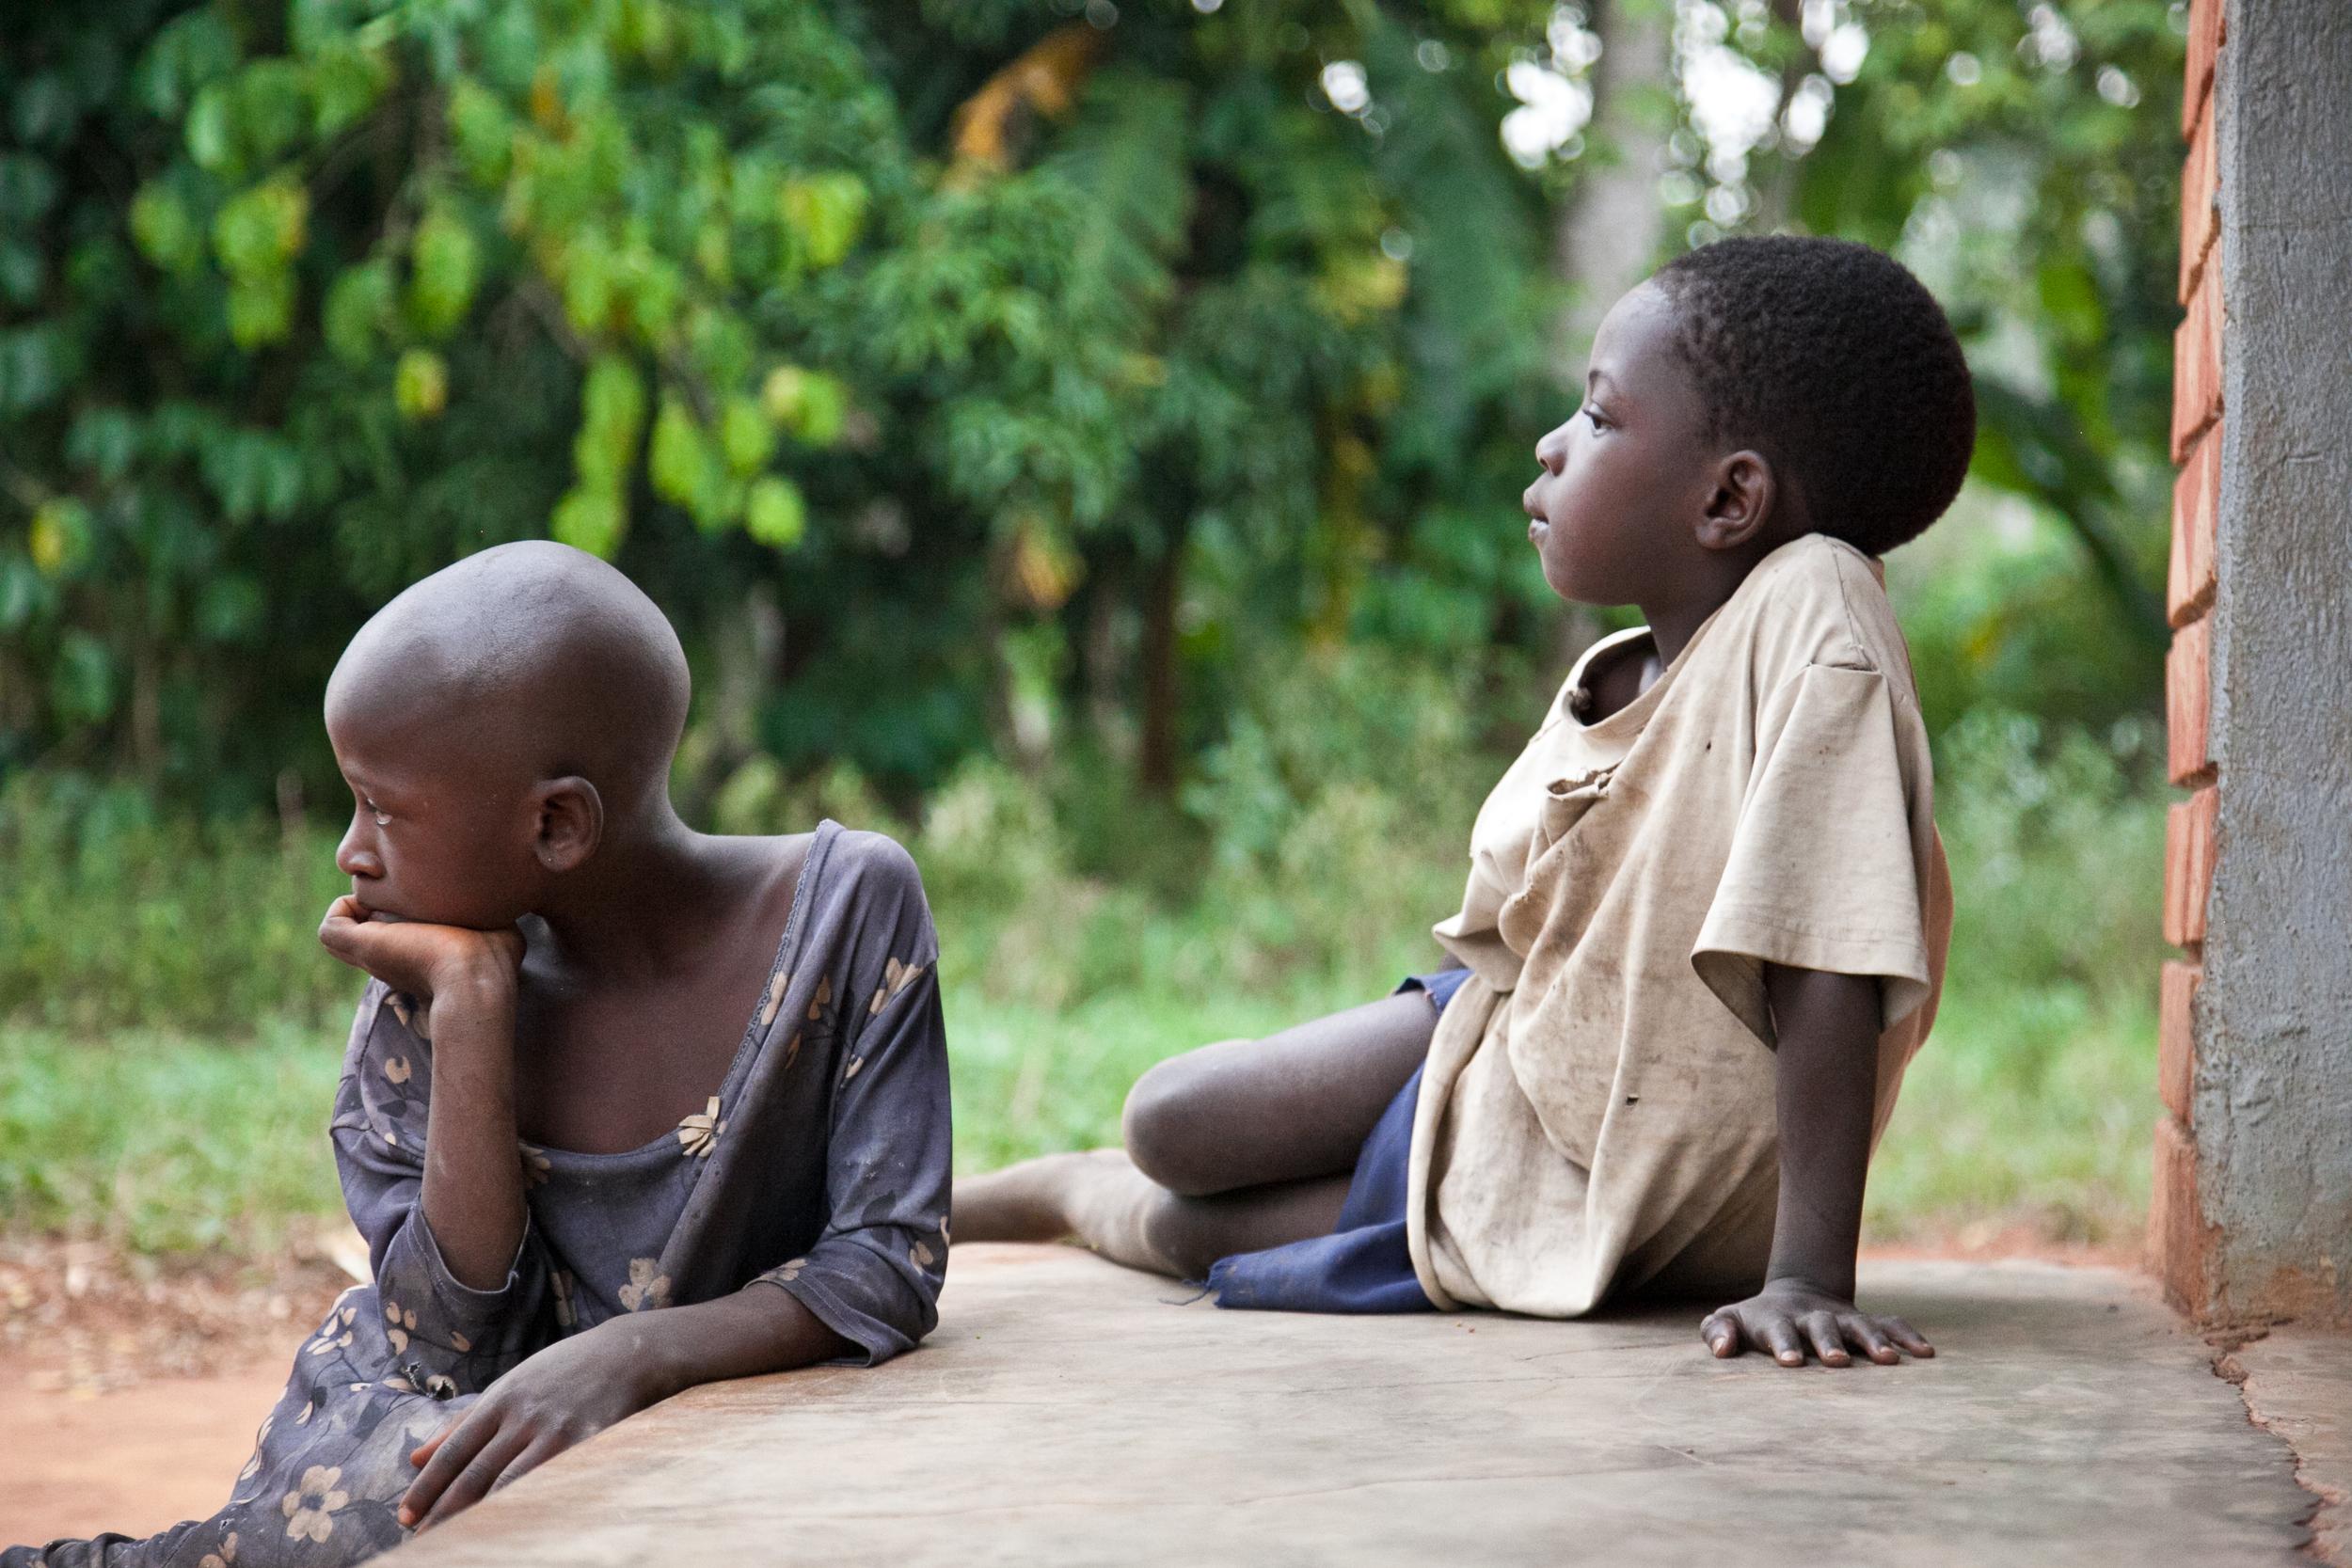 trisa-taro-girls-watching-village-uganda.jpg